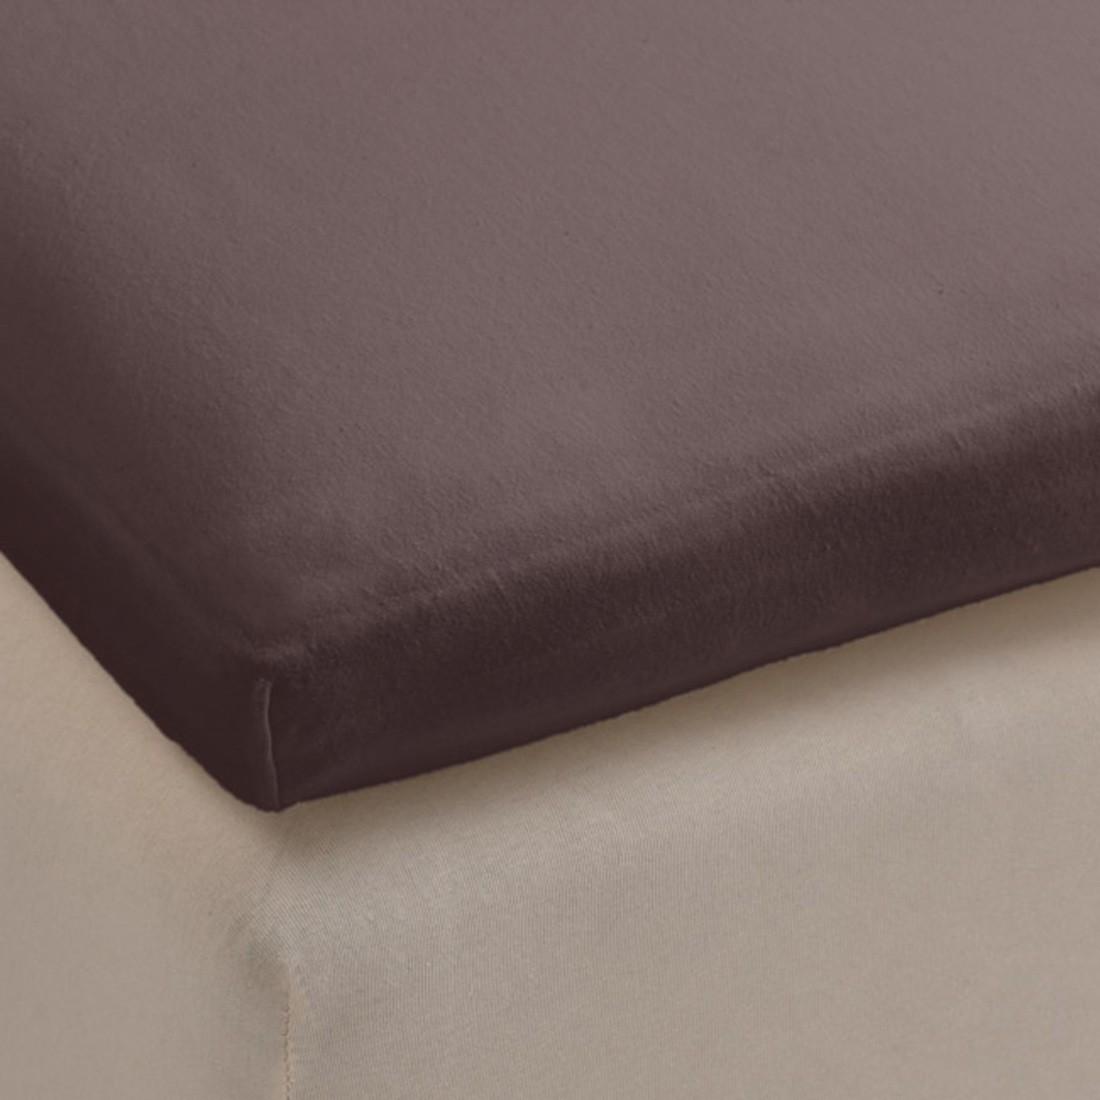 Spannbettlaken Jersey für Split Topper – Anthrazit – Baumwolle – Abmessungen 200x140x35cm, BH günstig bestellen